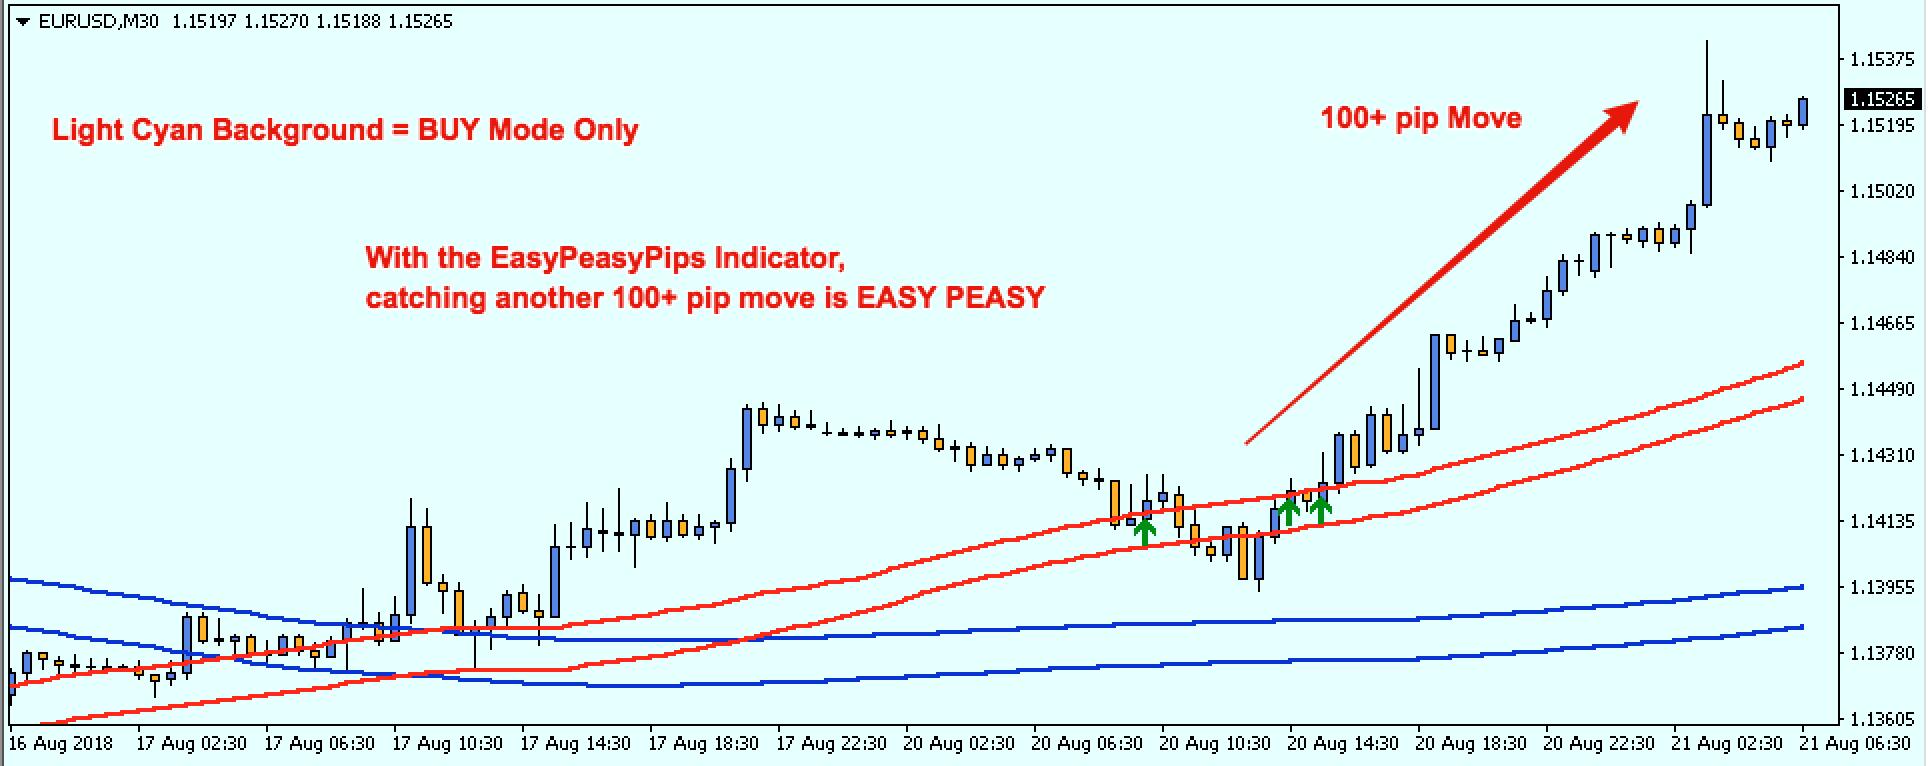 EasyPeasyPips - EURGBP H1